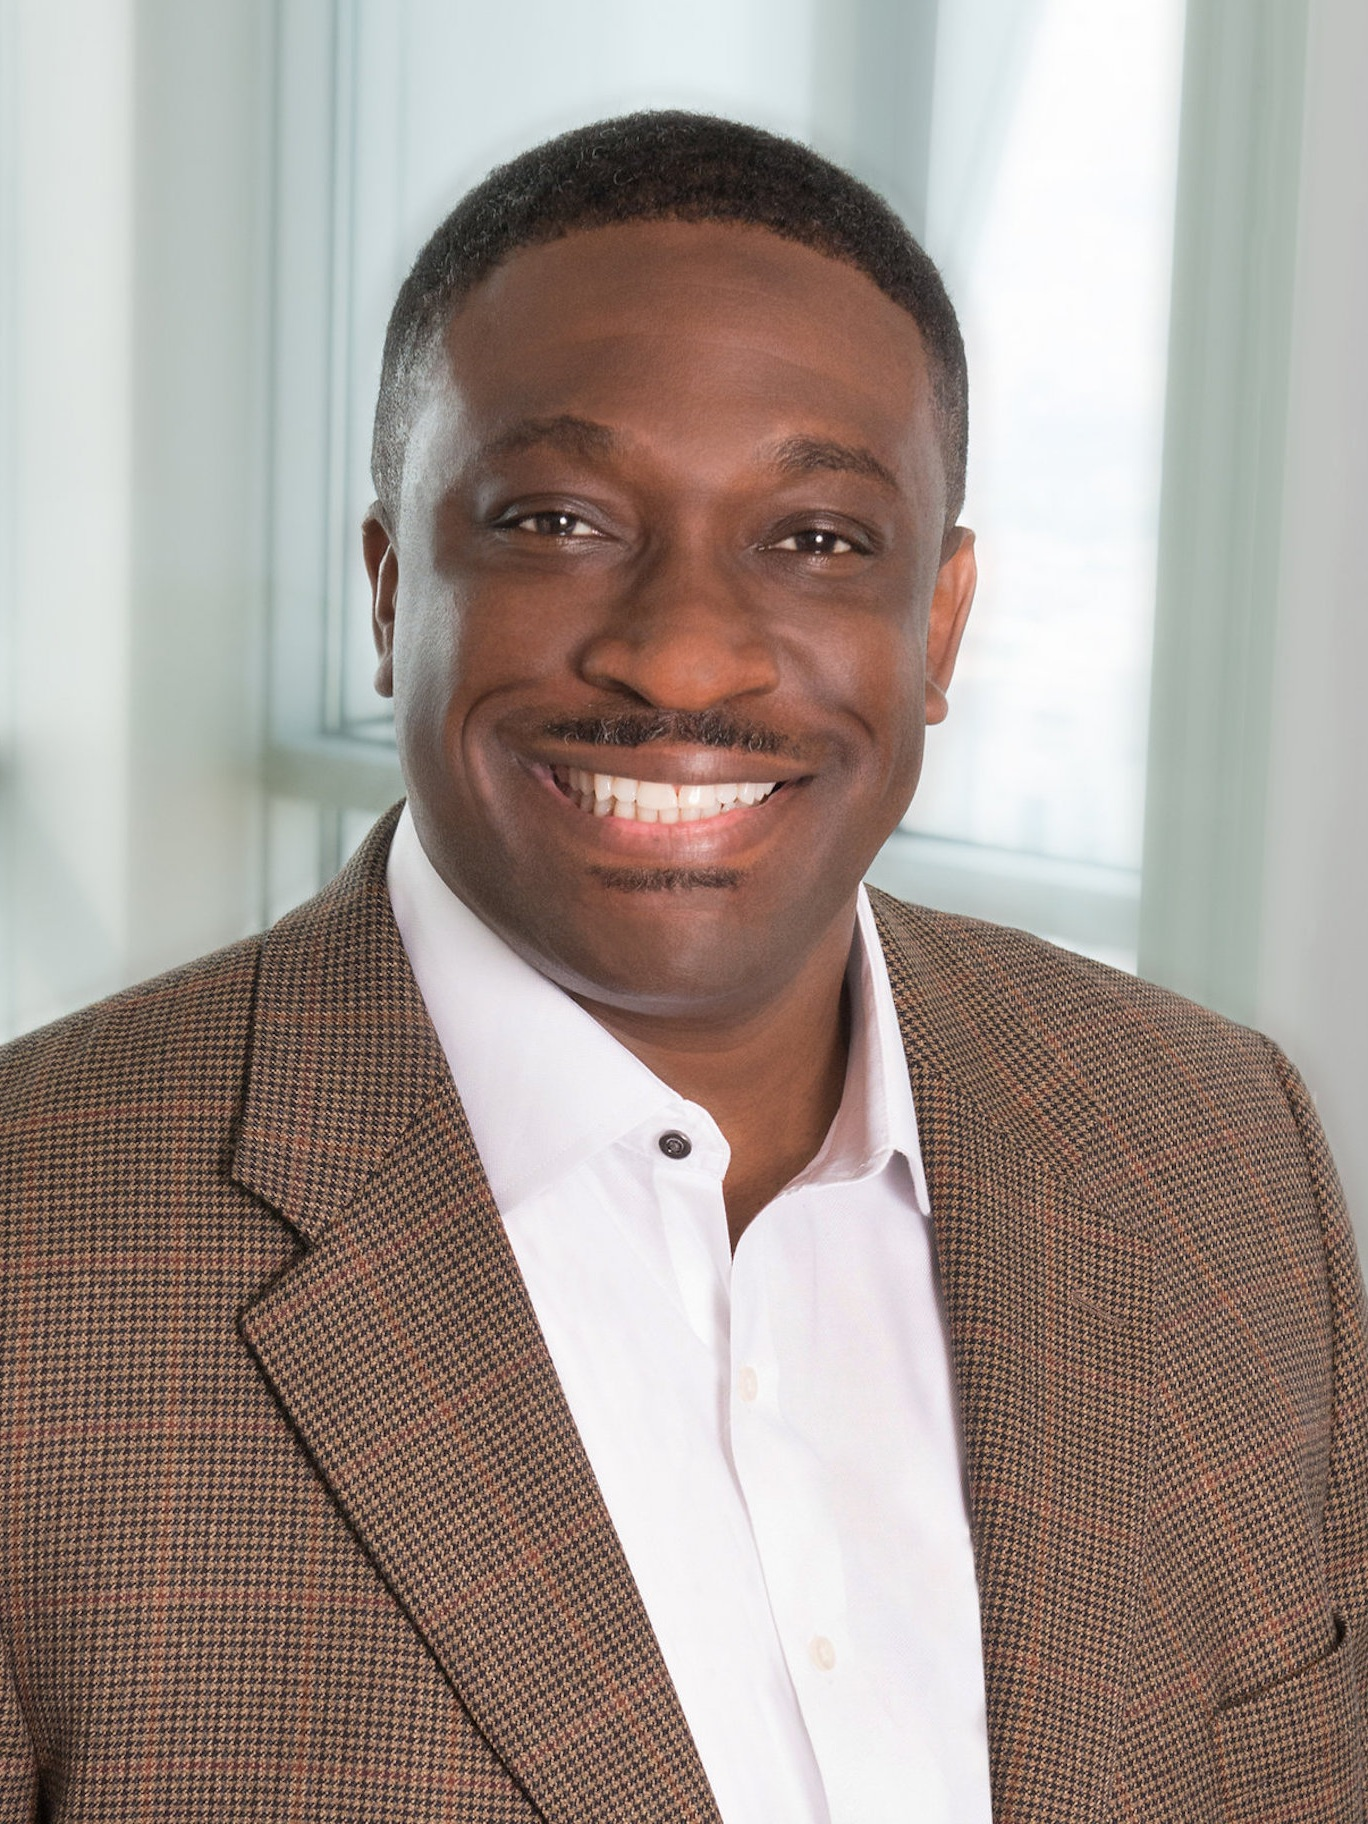 LeRoy E. Jones - CEOGSI Health